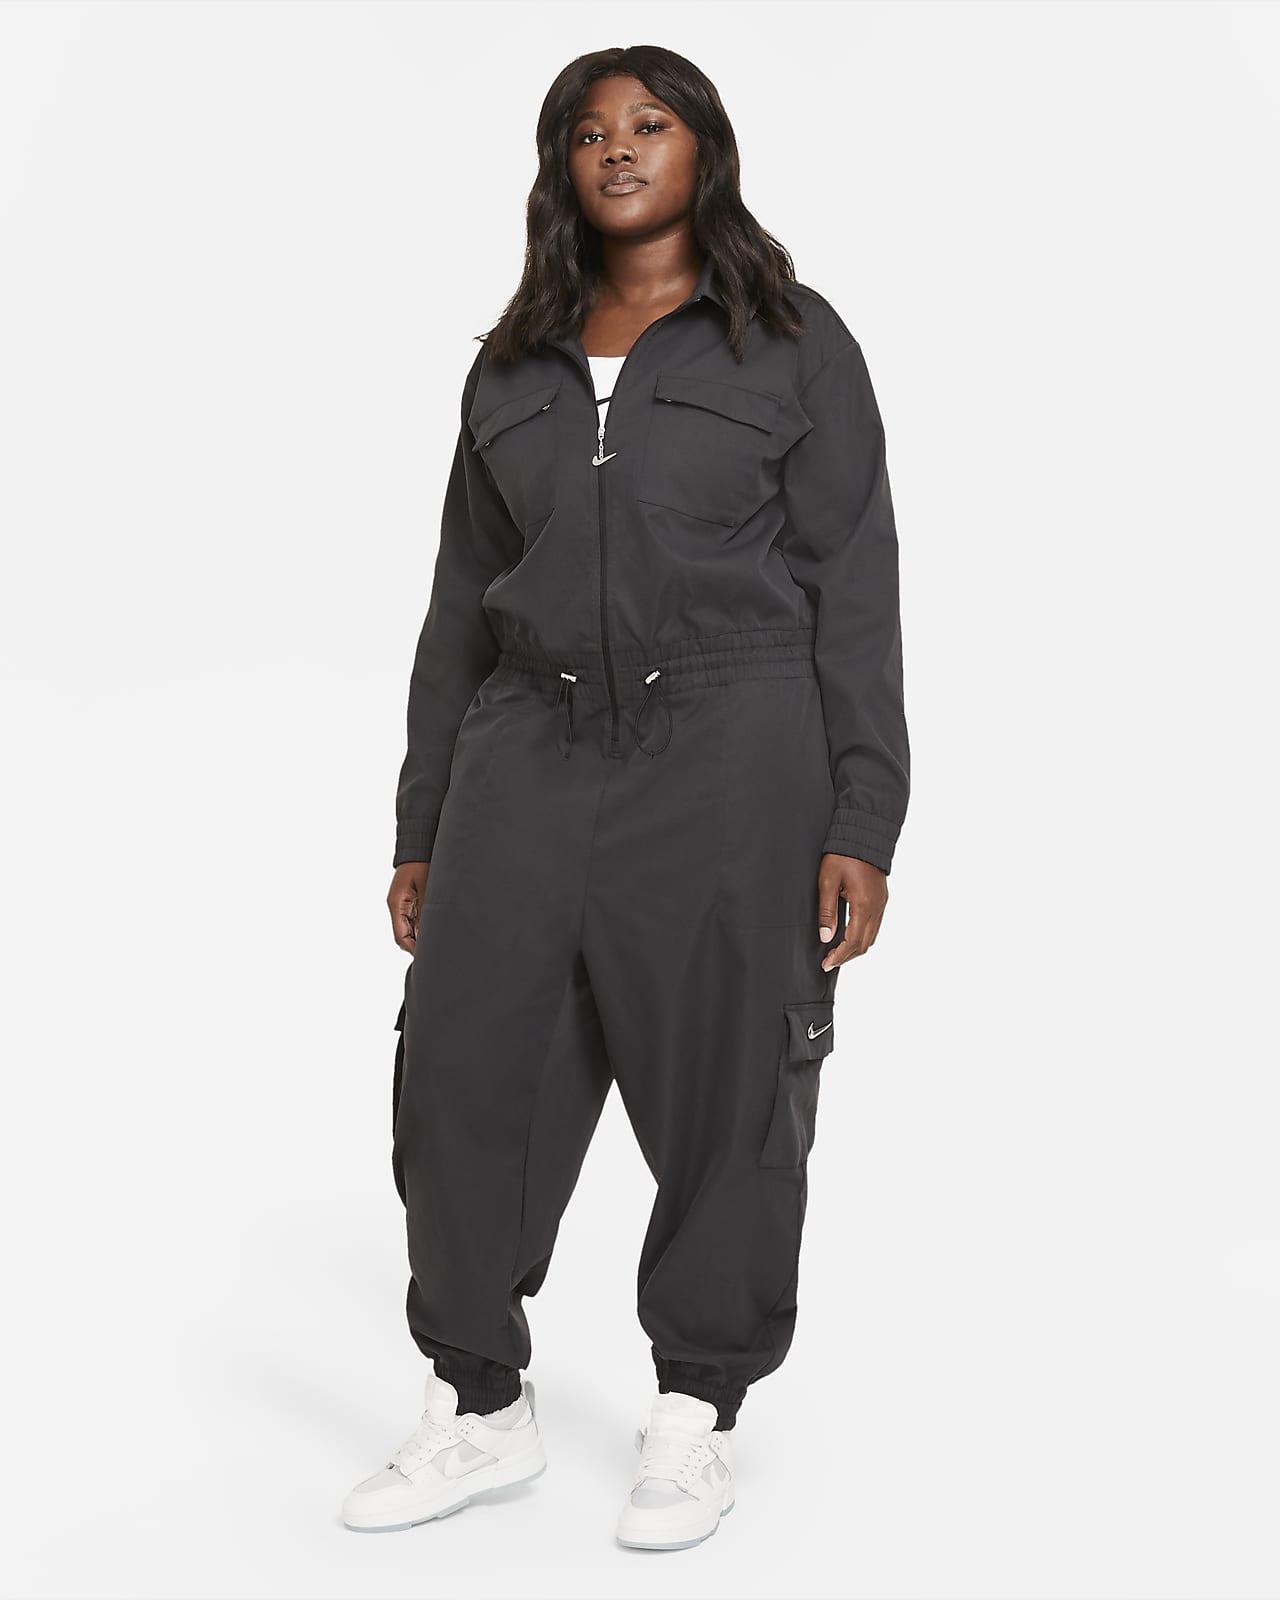 Nike Sportswear Swoosh Women's Utility Jumpsuit (Plus Size)